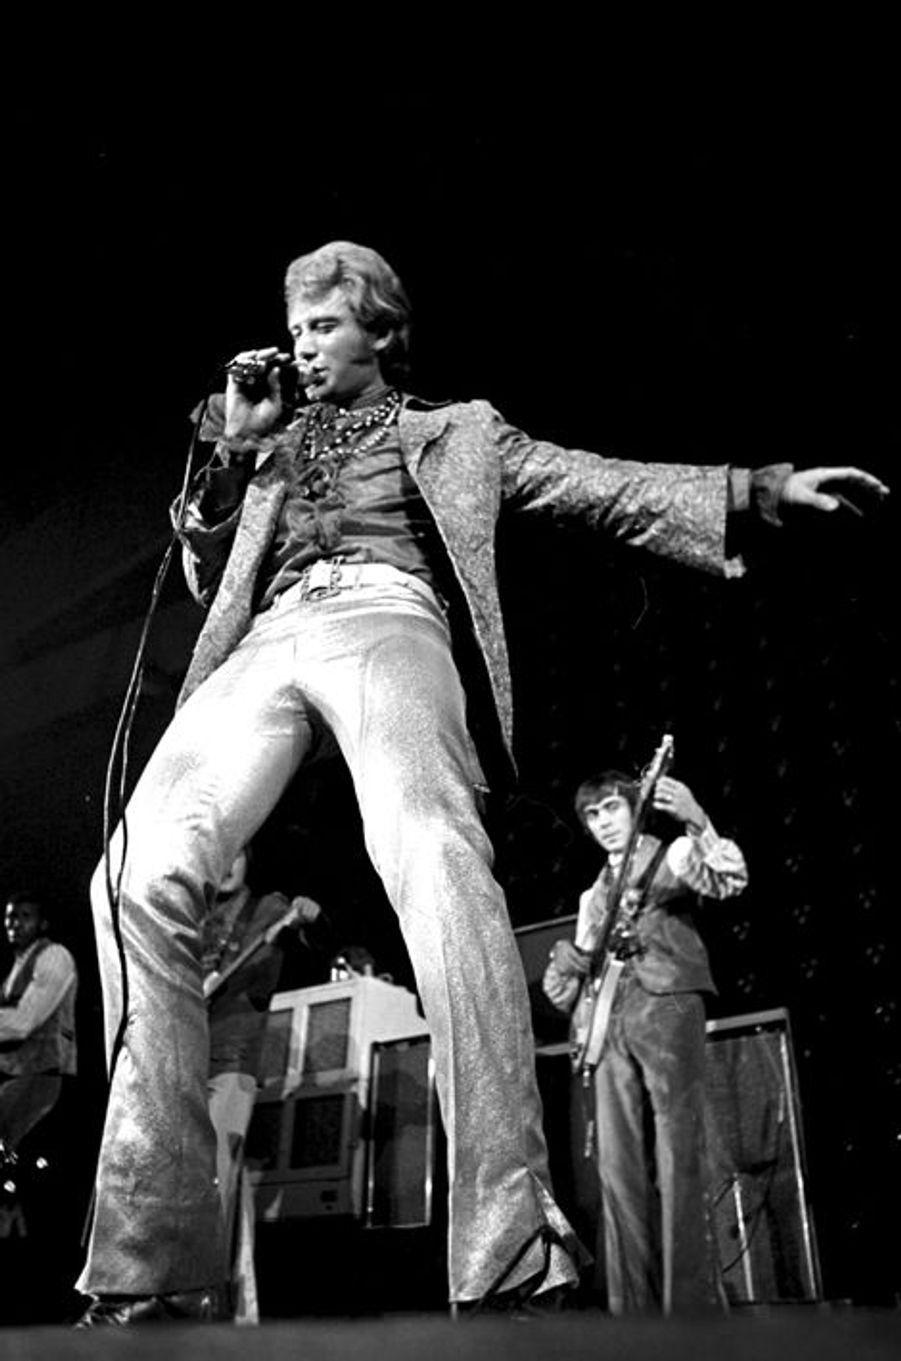 Johnny fait le show à Paris, 14 novembre 1967